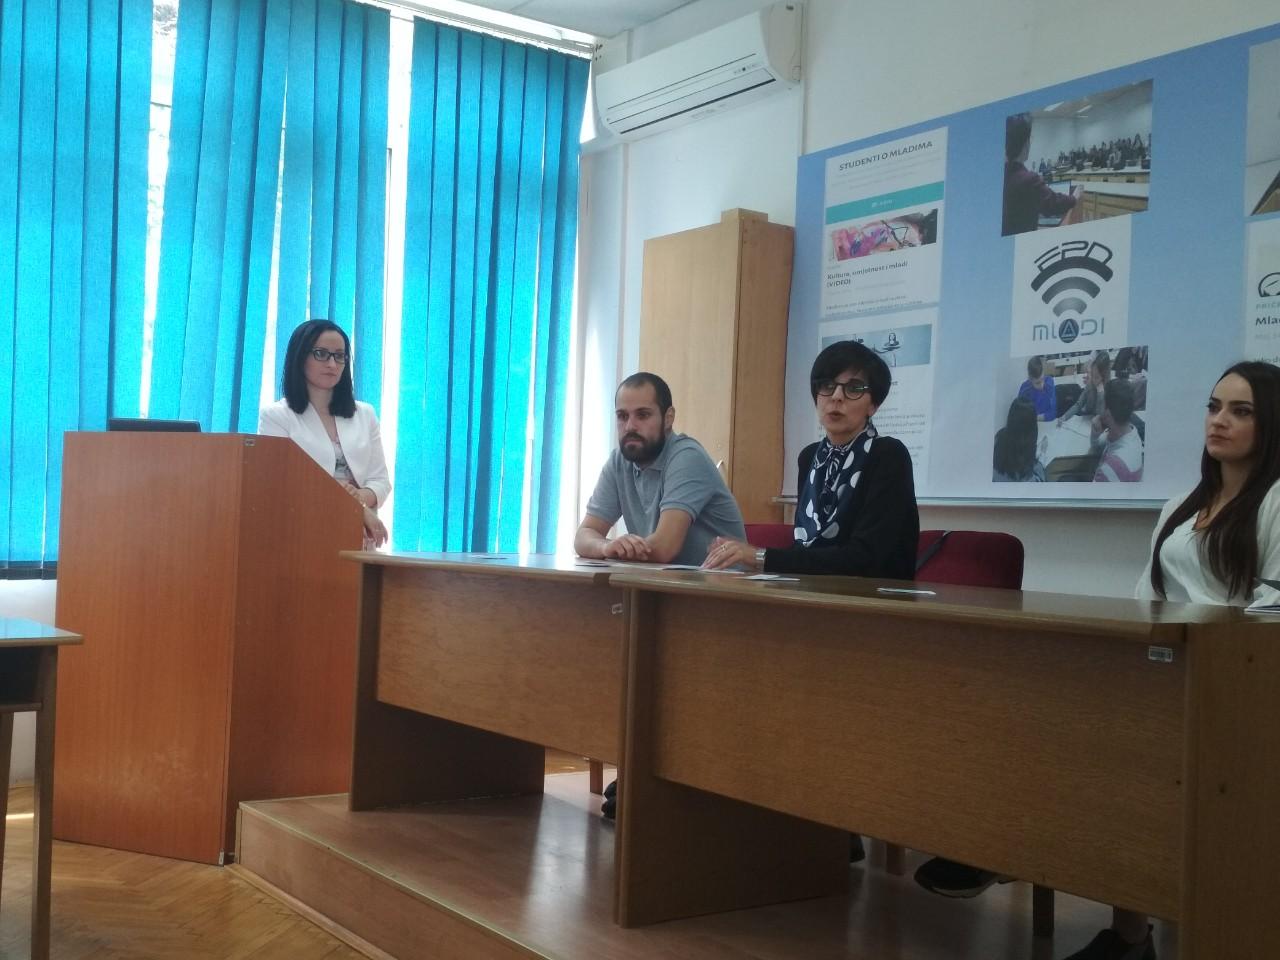 Održana promocija bloga studenta novinarstva